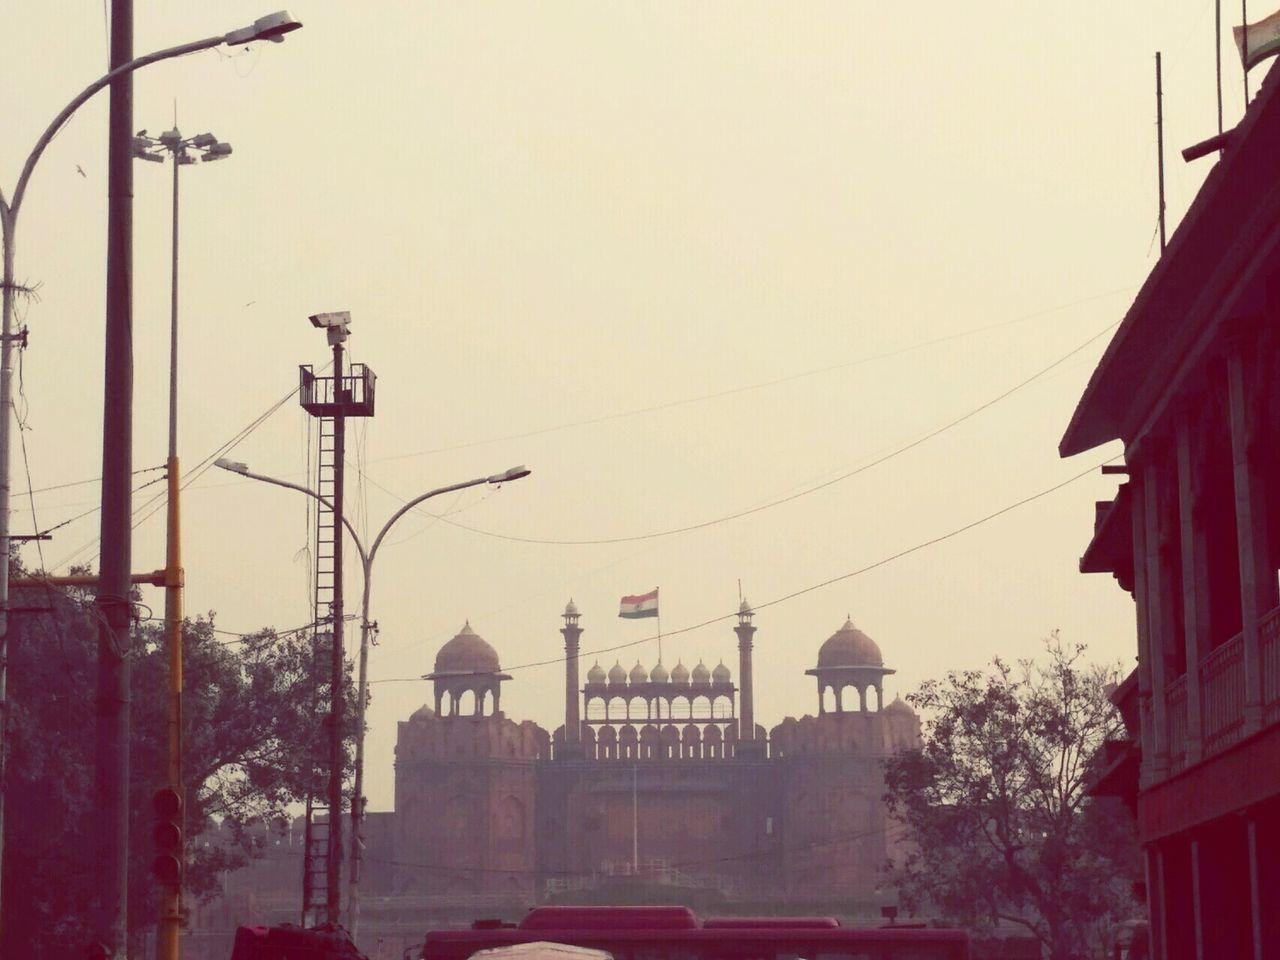 Architecture City Delhi Trip Built Structure Outdoors